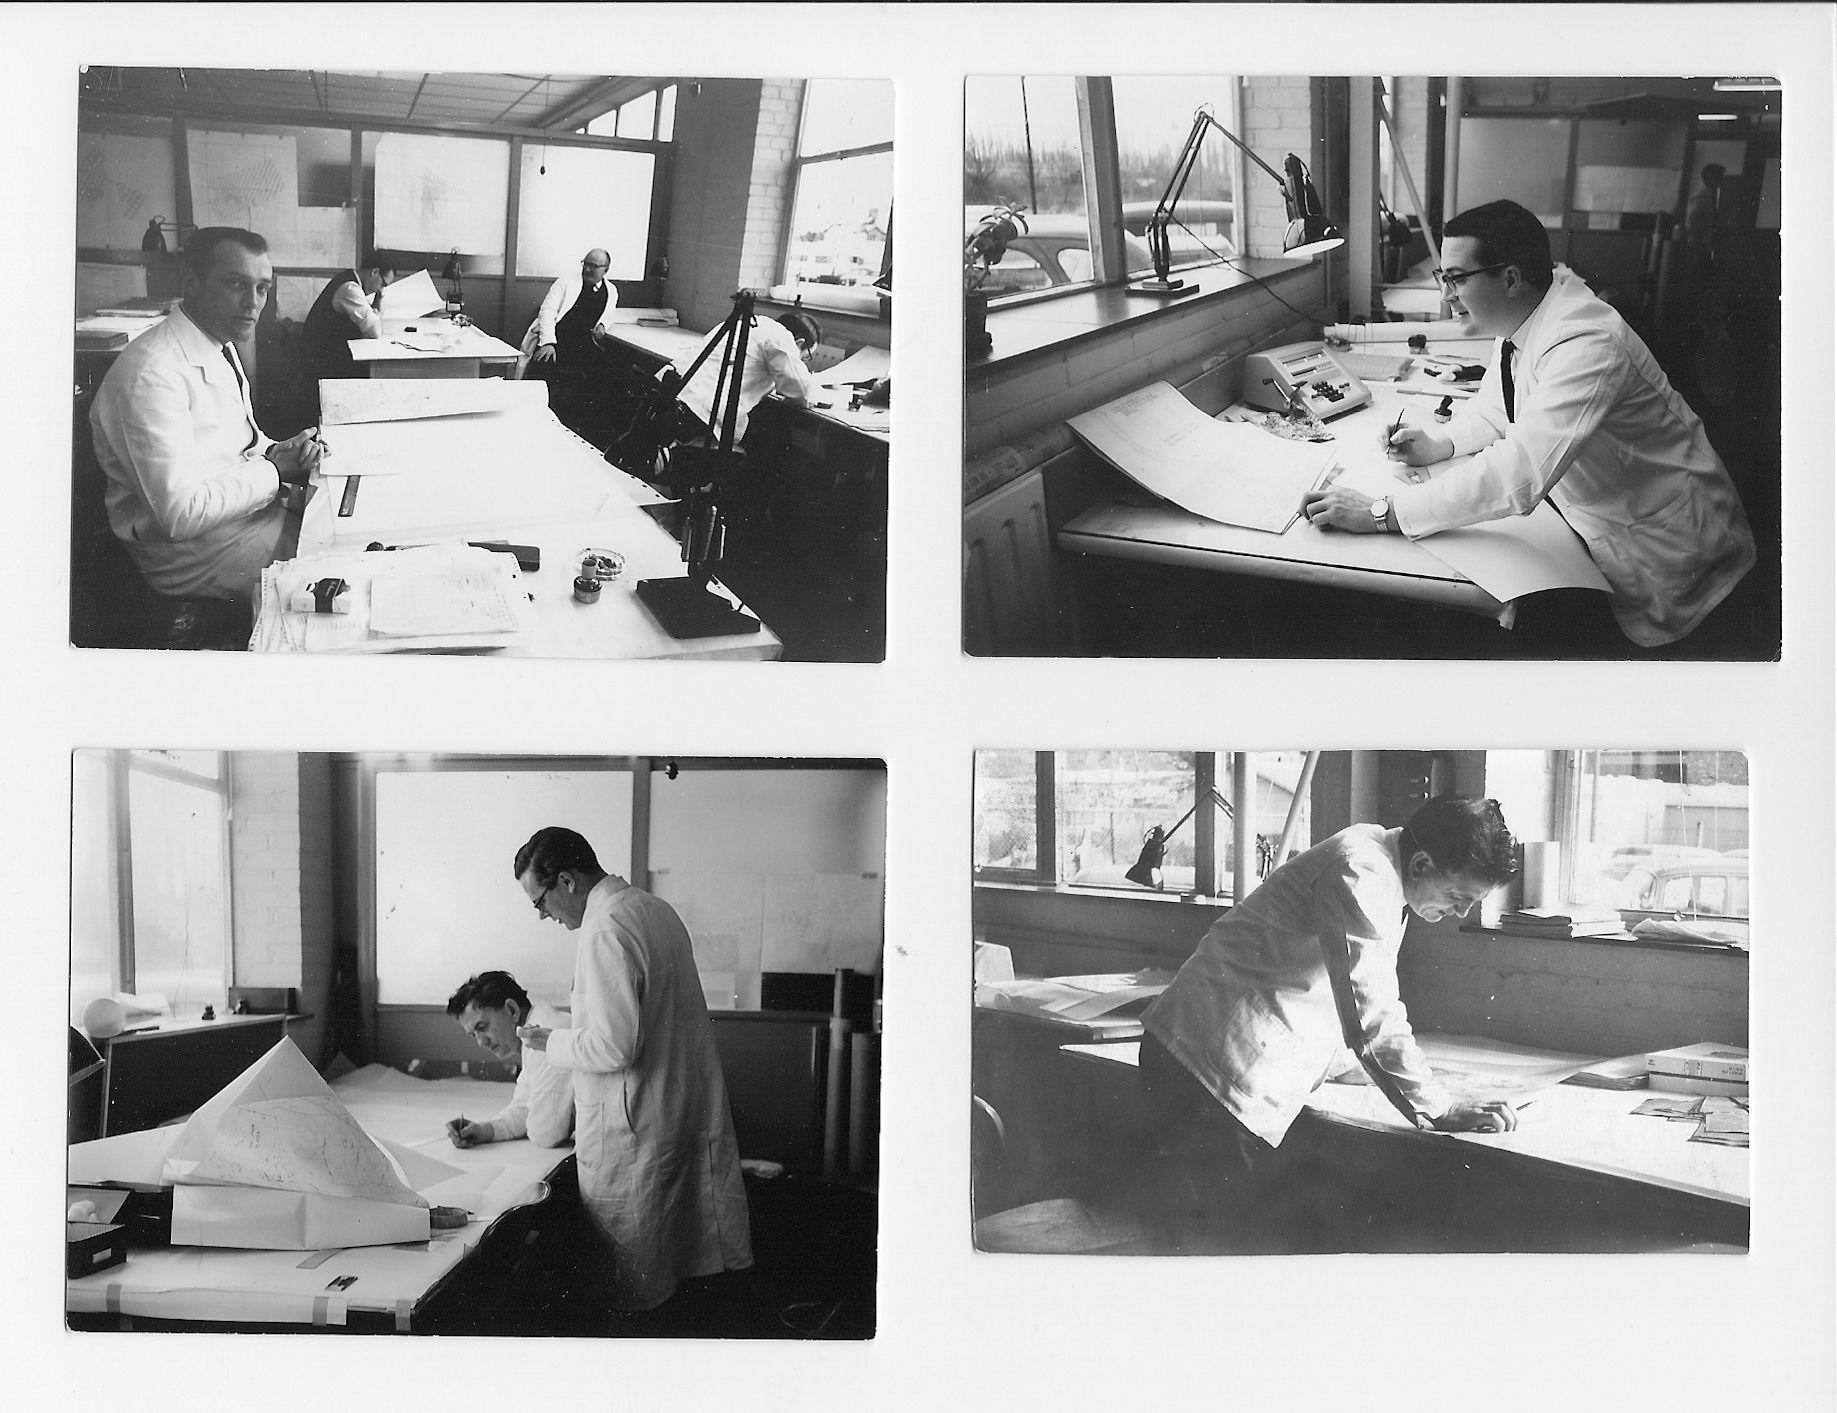 Photographs by Ulrich Münzer, 1966